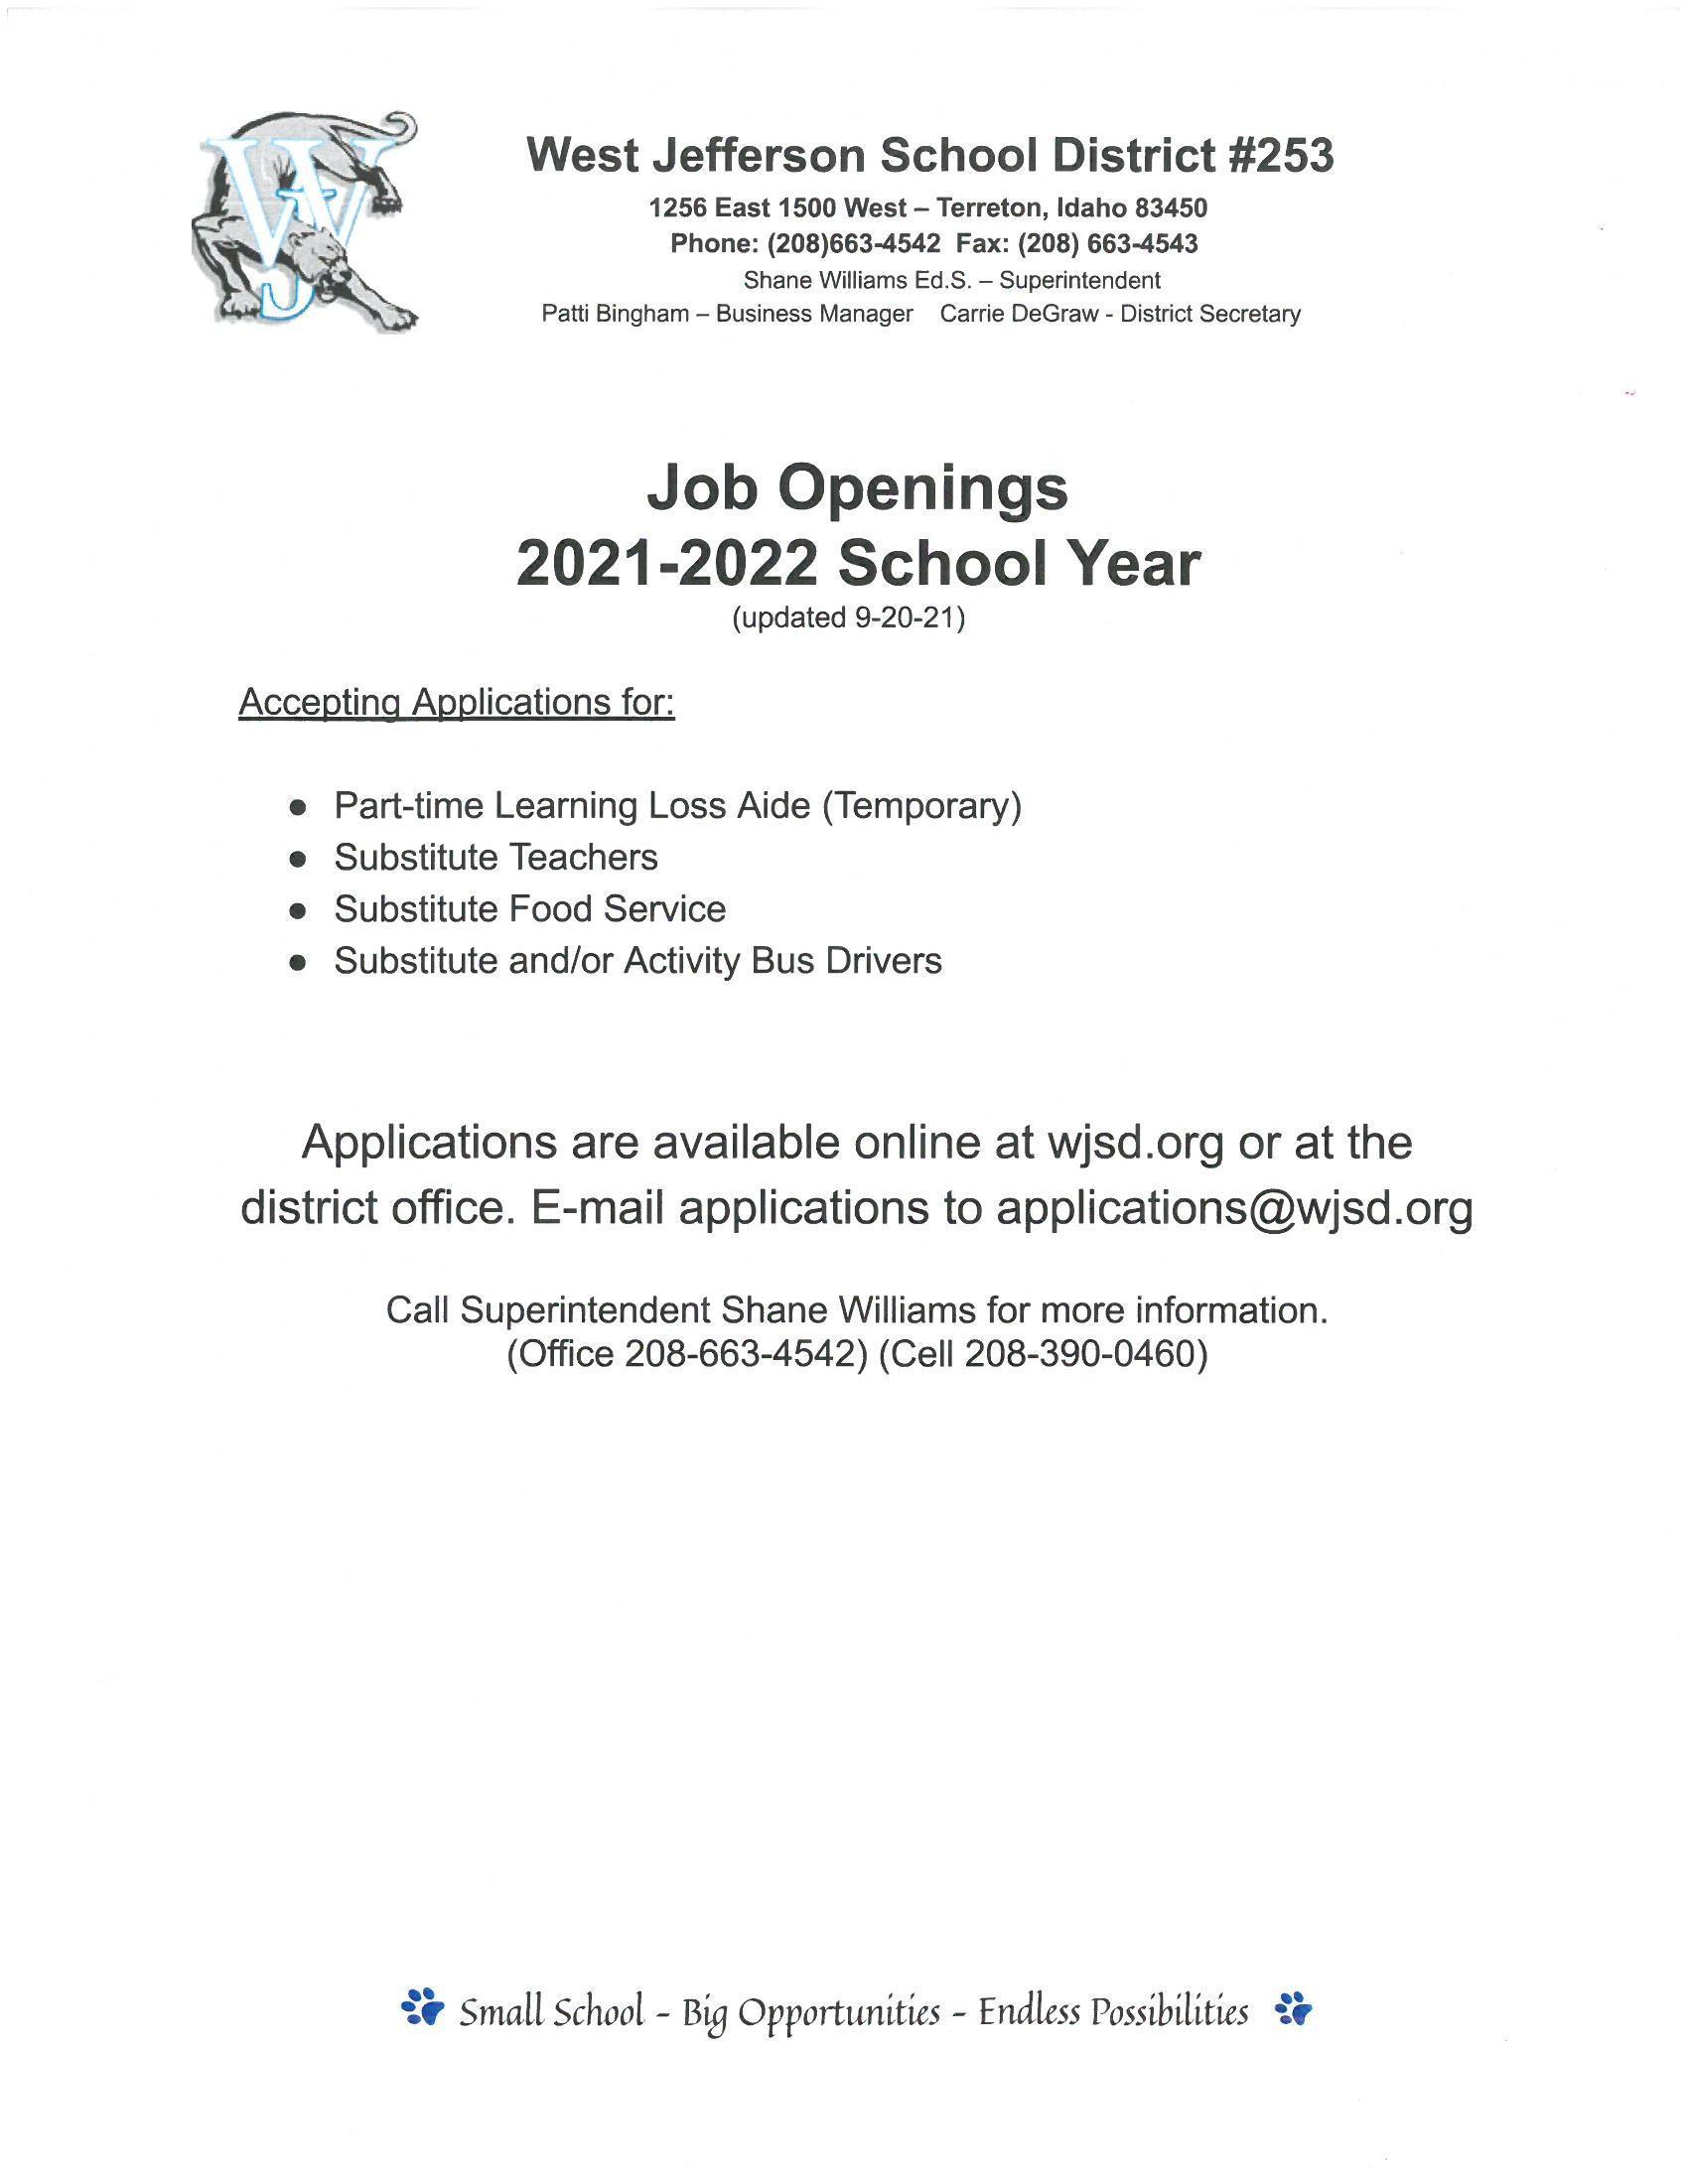 Job Openings 9/21/21